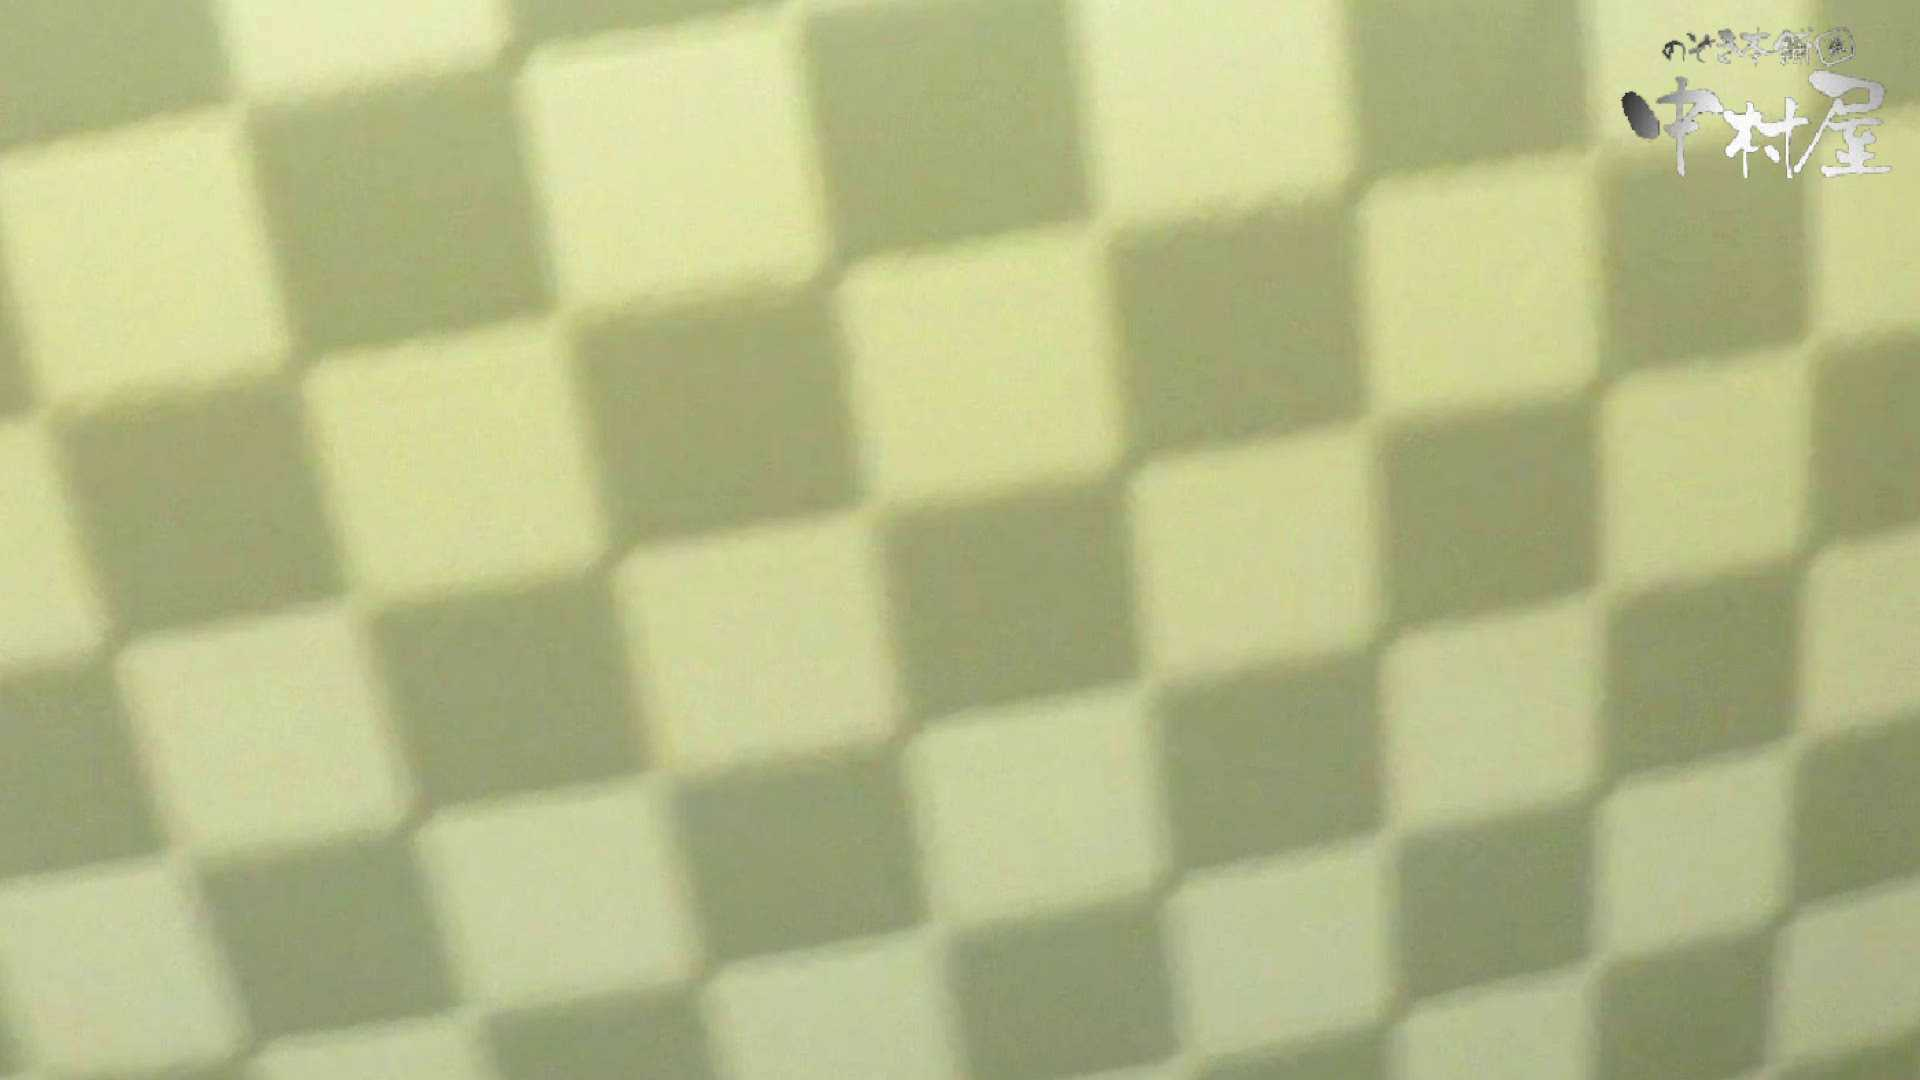 お待たせしました始動します‼雅さんの独断と偏見で集めた動画集 Vol.8 期間限定 | 0  75PIX 27